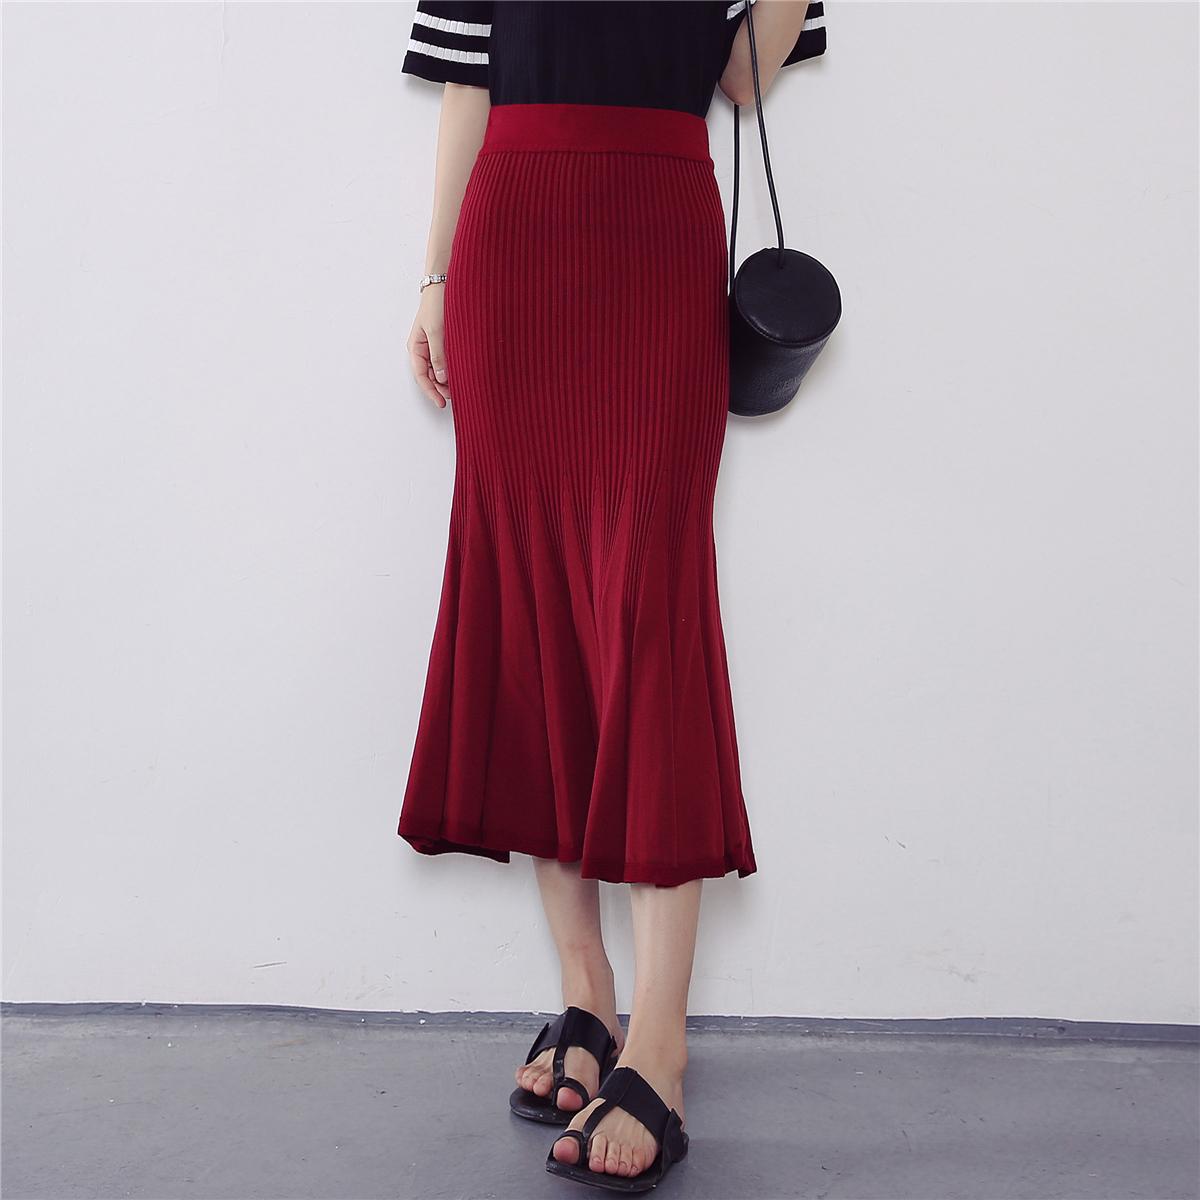 6202【實拍】秋裝新款韓版時尚魚尾裙松緊腰半身裙針織包臀裙